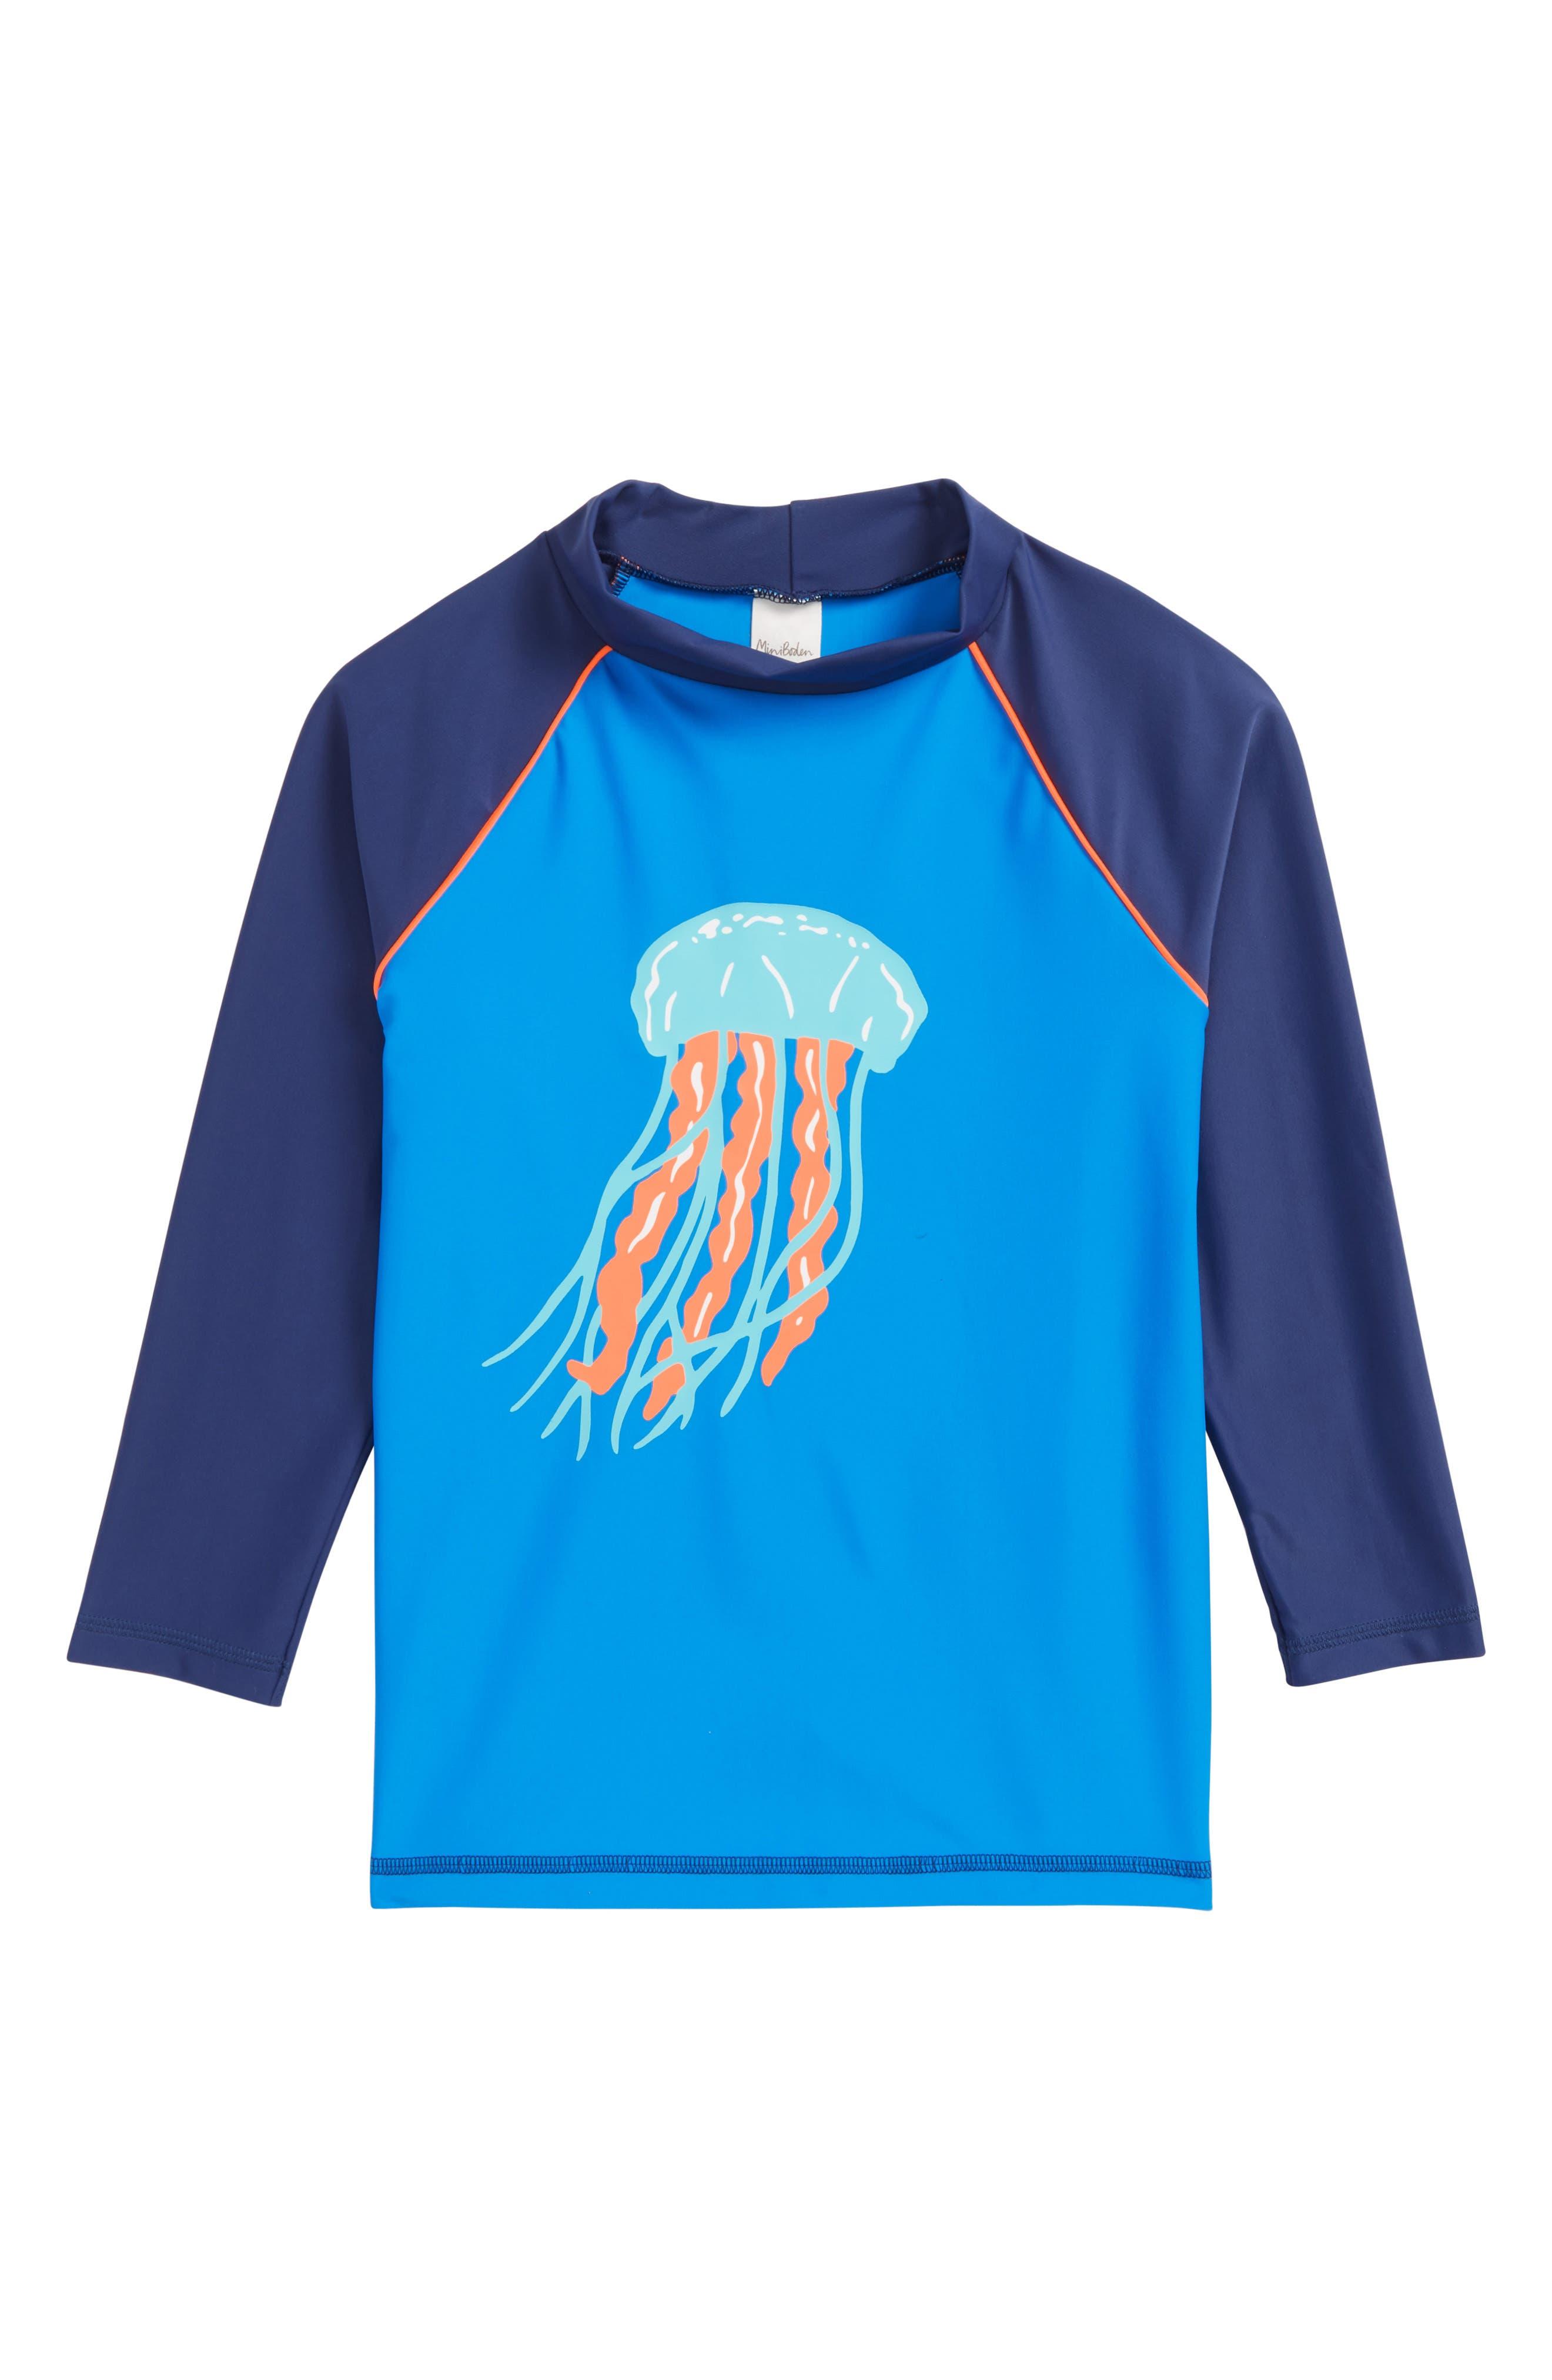 Jellyfish Rashguard,                             Main thumbnail 1, color,                             424